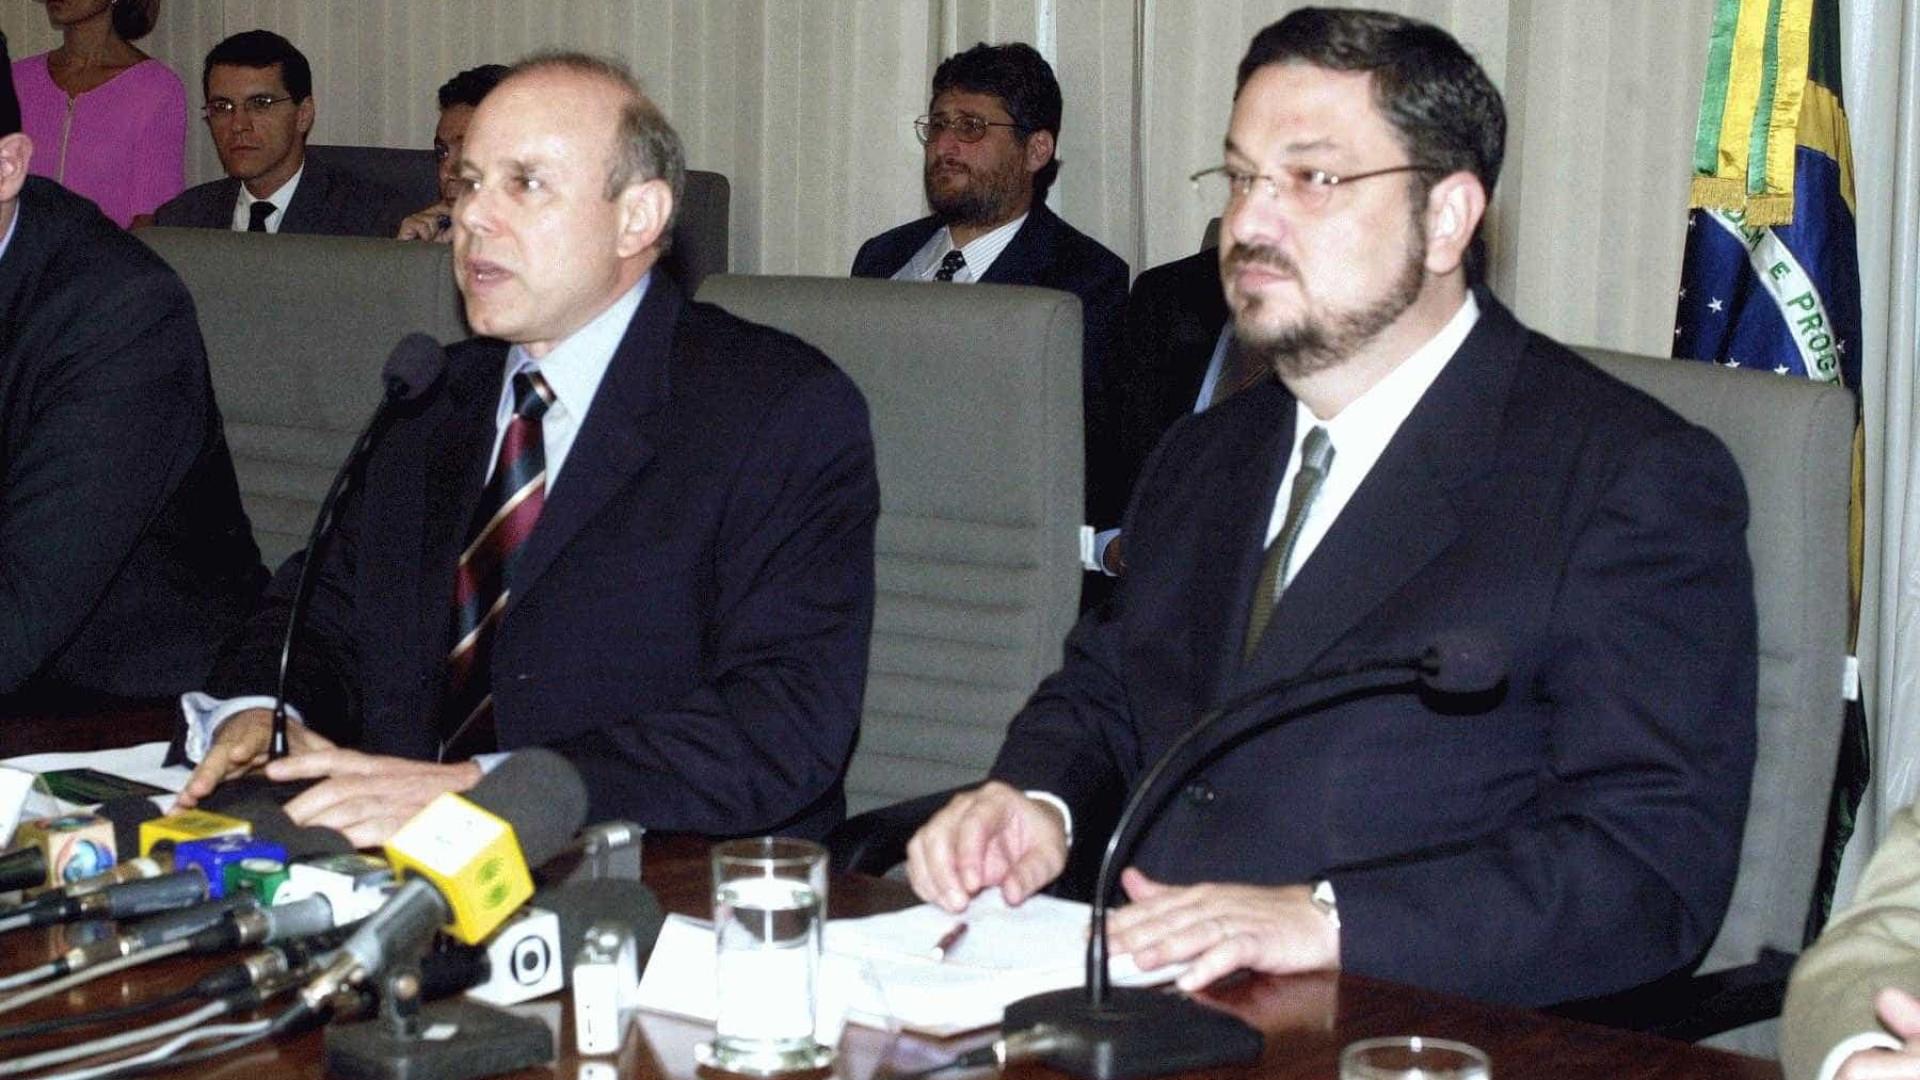 Aras recebe relatório de CPI que pede indiciamento de Mantega e Palocci